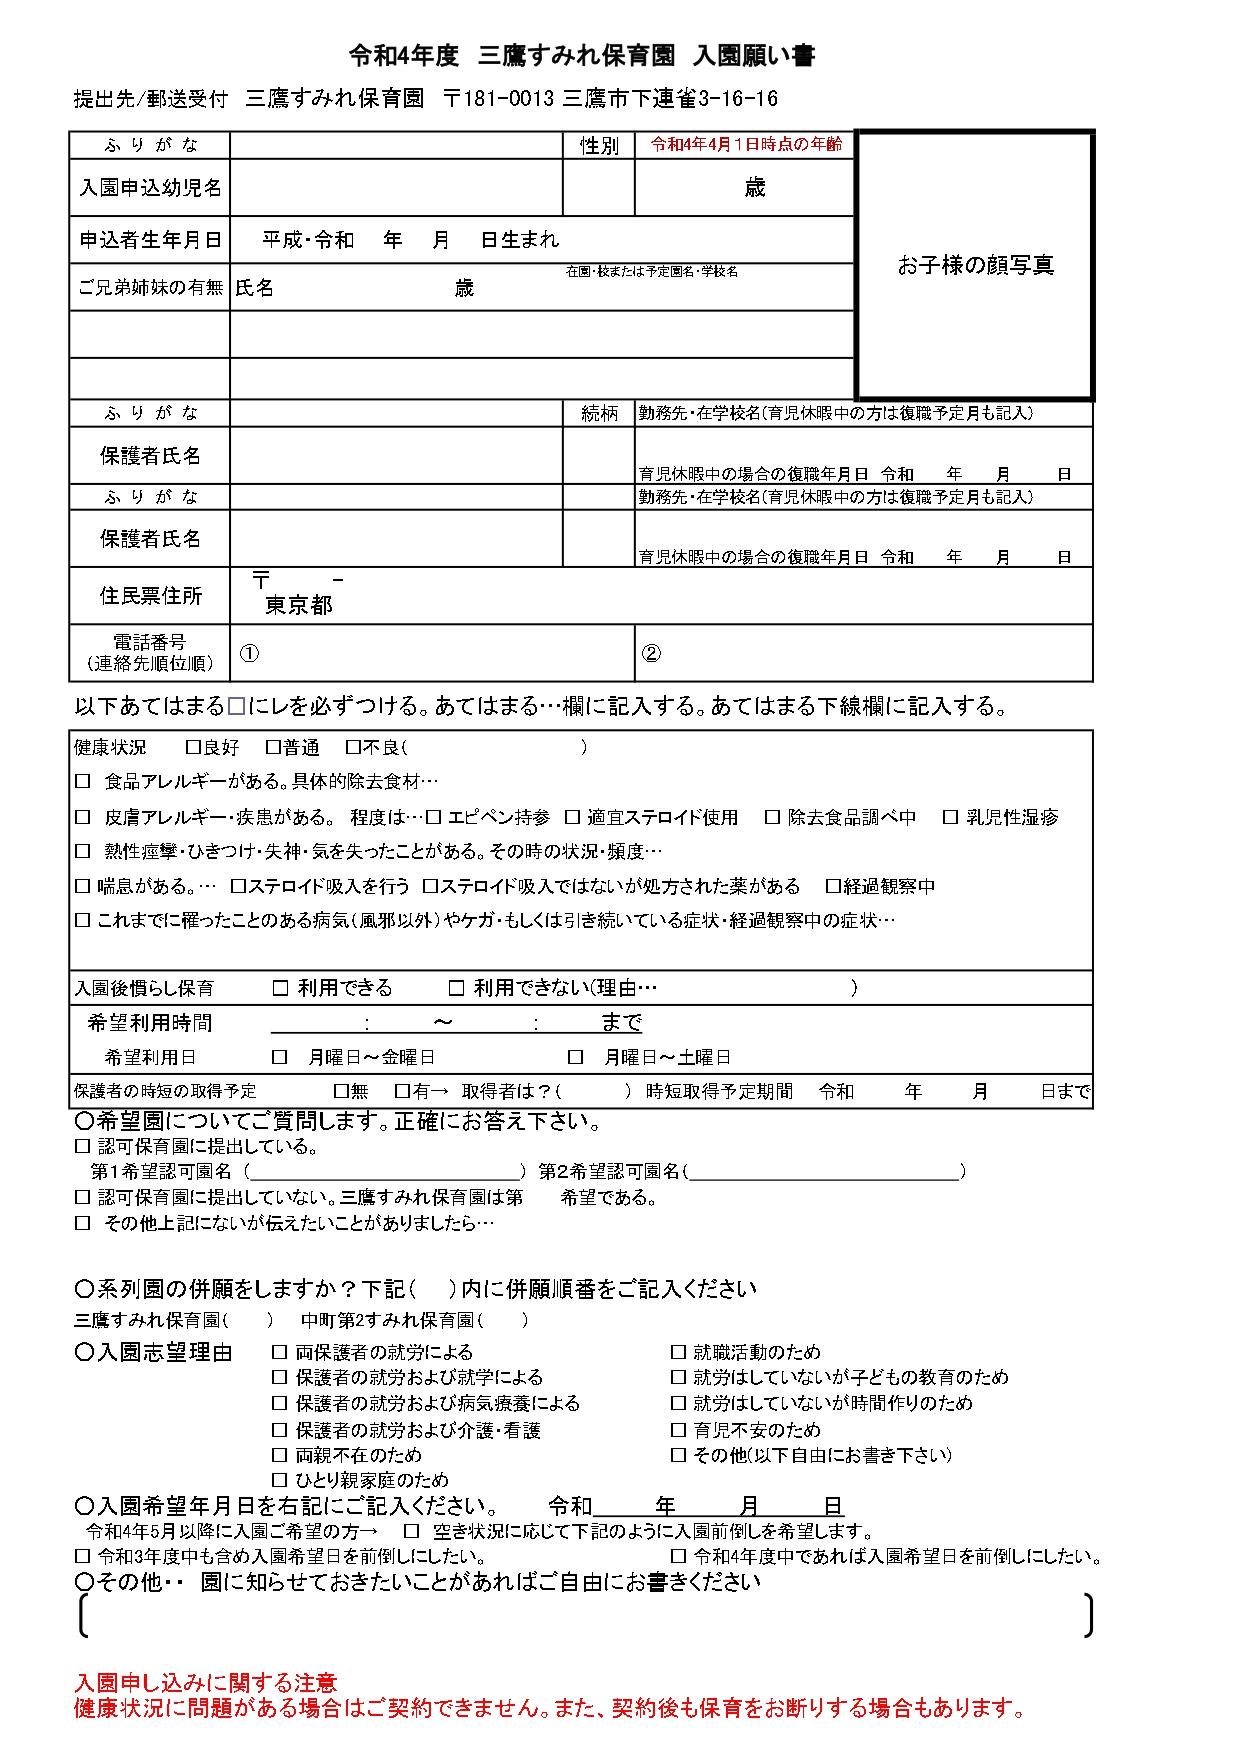 三鷹すみれ保育園入園願書R4_page-0001